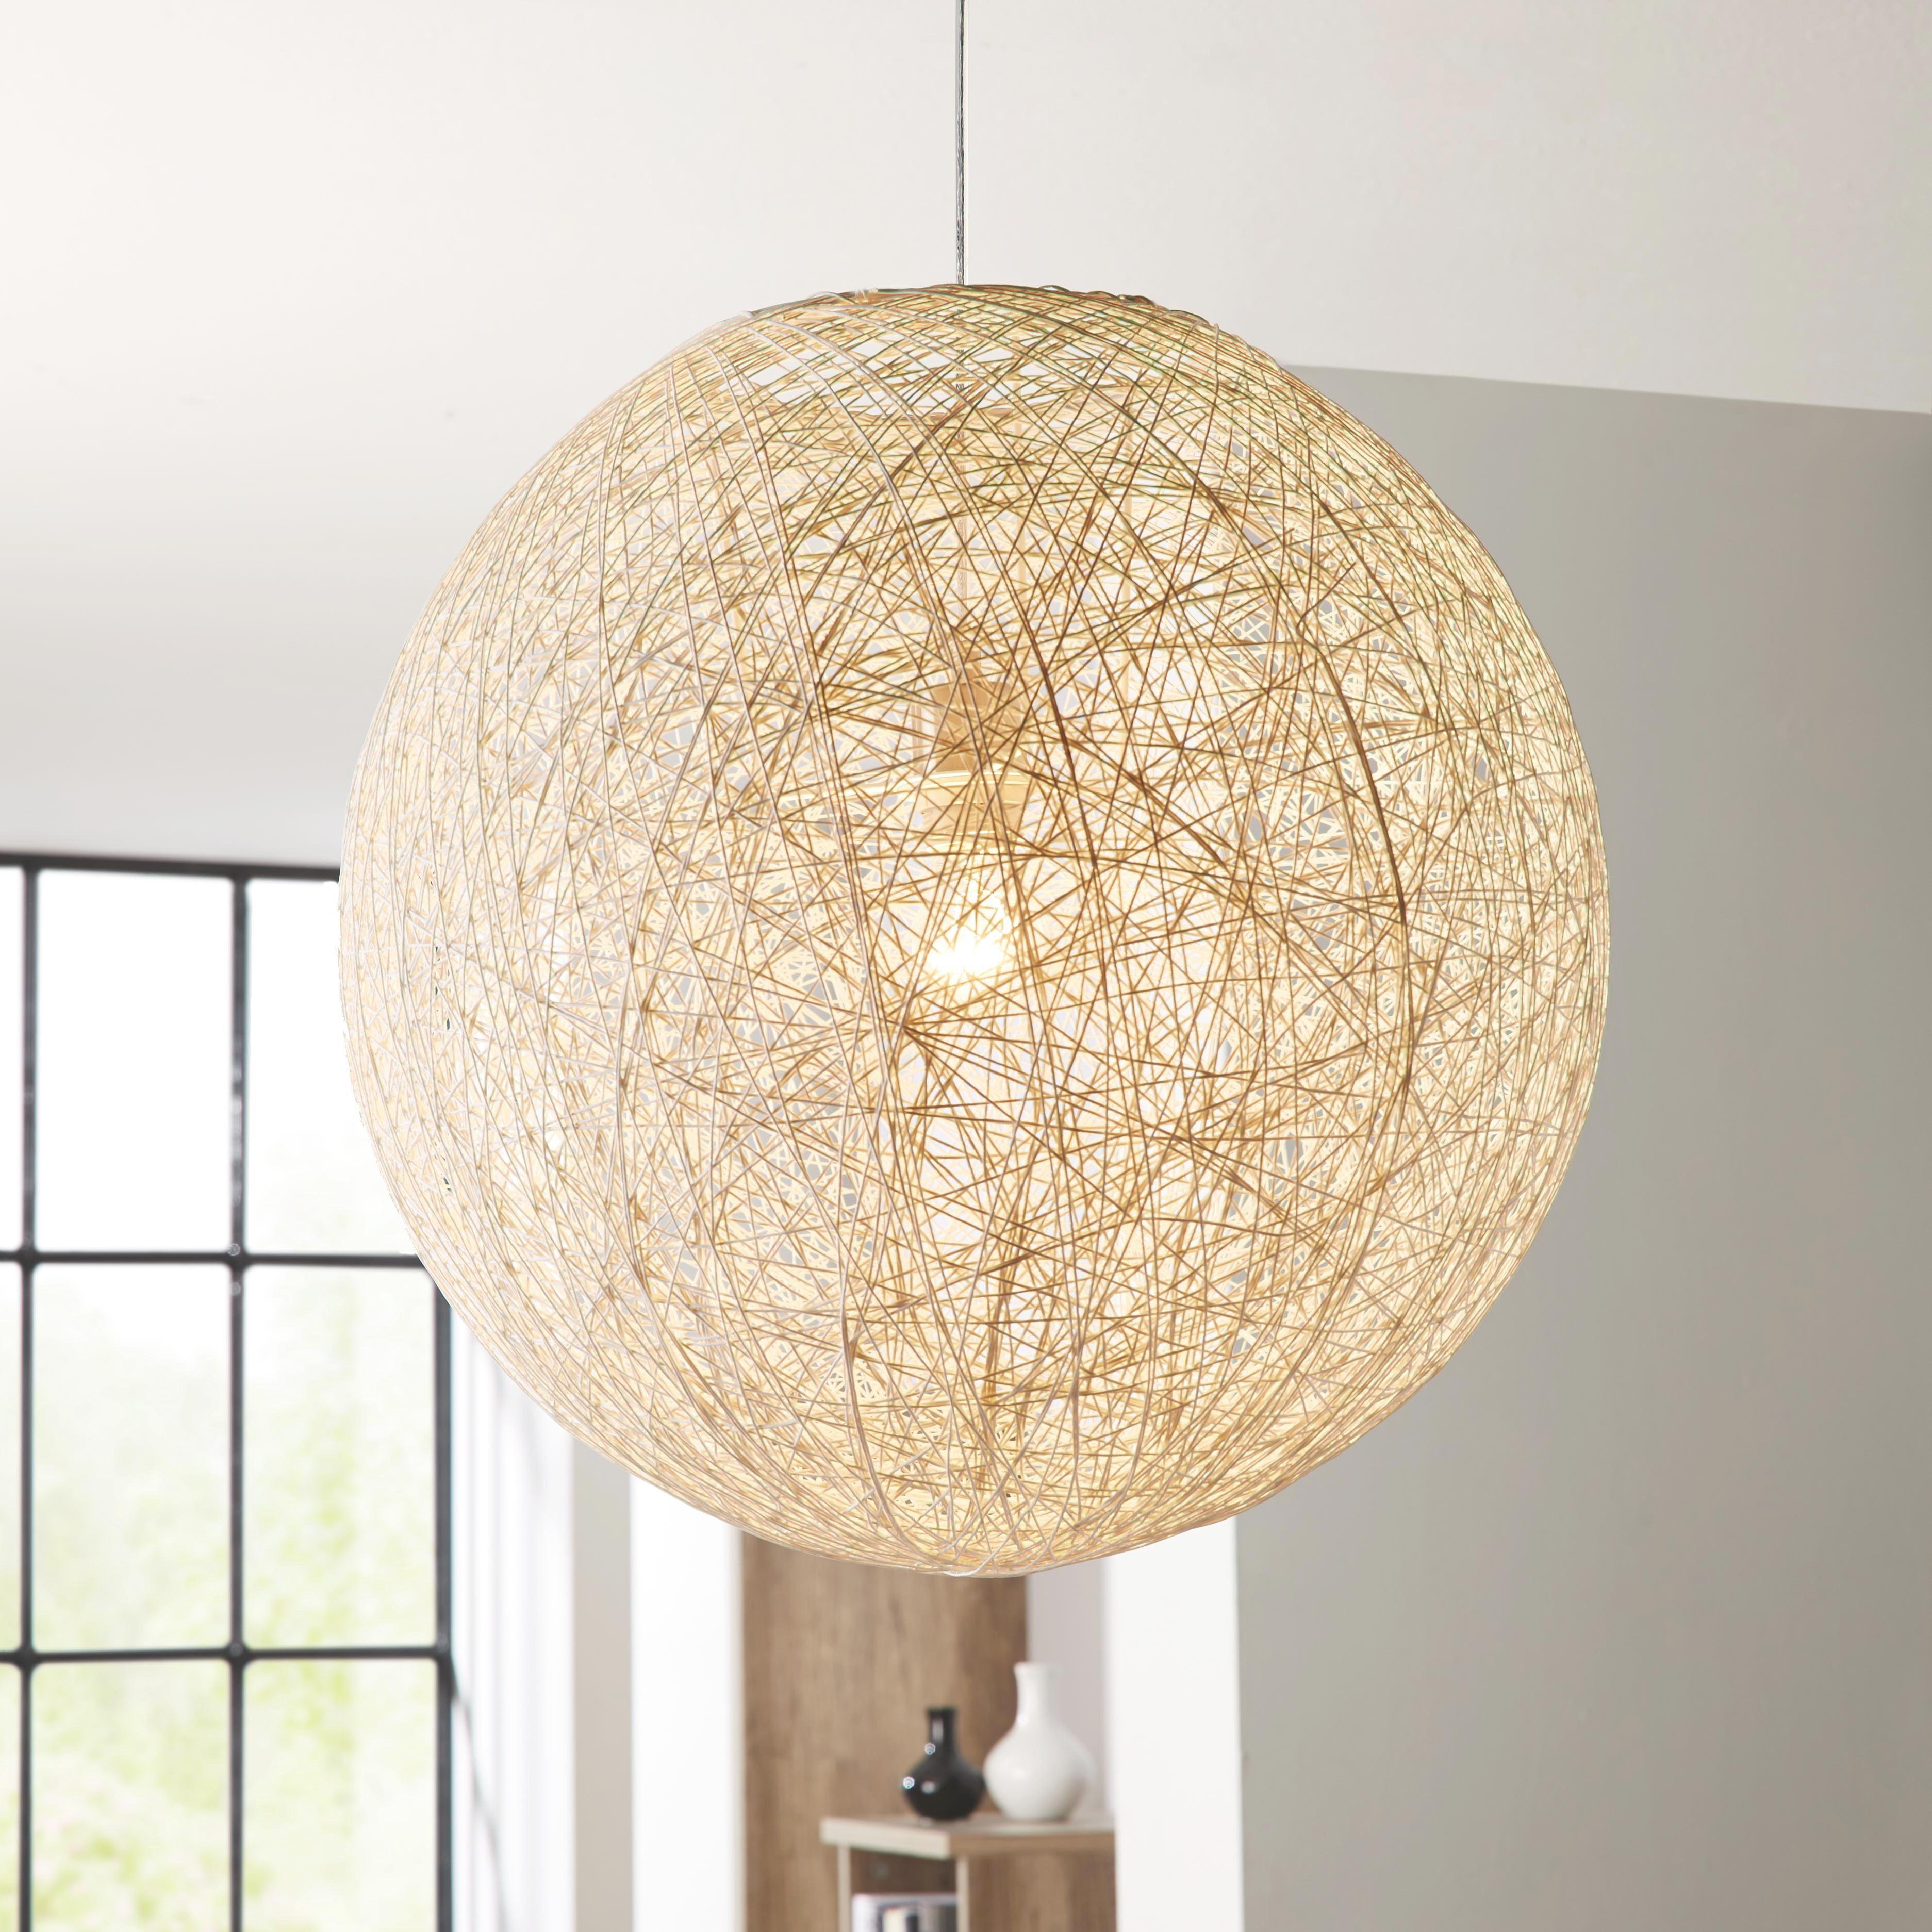 Függőlámpa Sophia - fehér, Lifestyle, műanyag/további természetes anyagok (50cm) - MÖMAX modern living